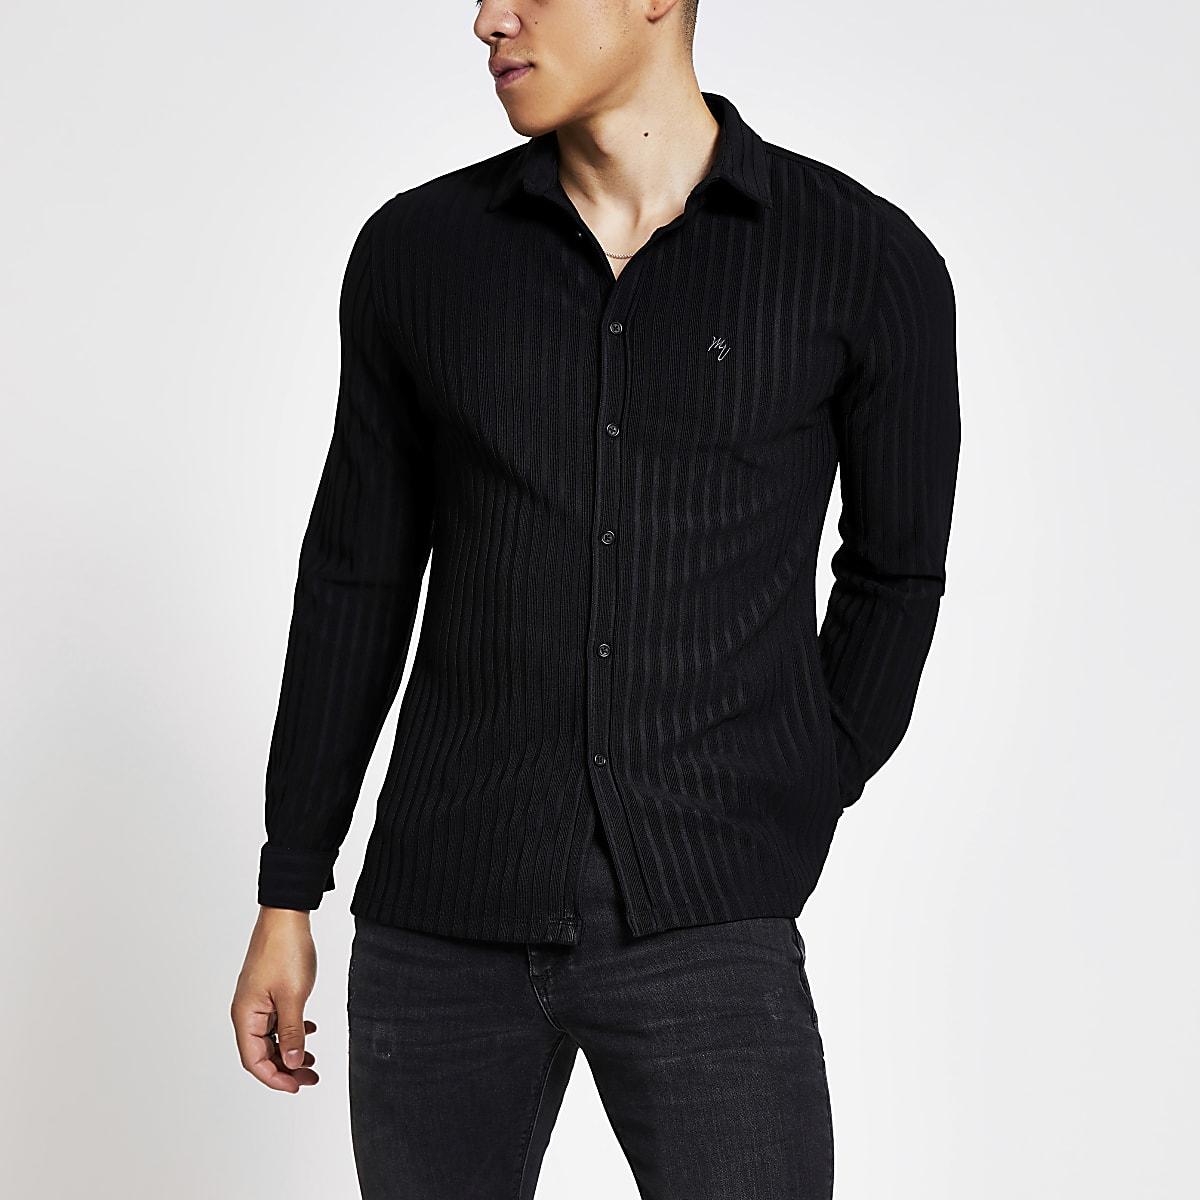 Chemise slim en jersey côtelé noir